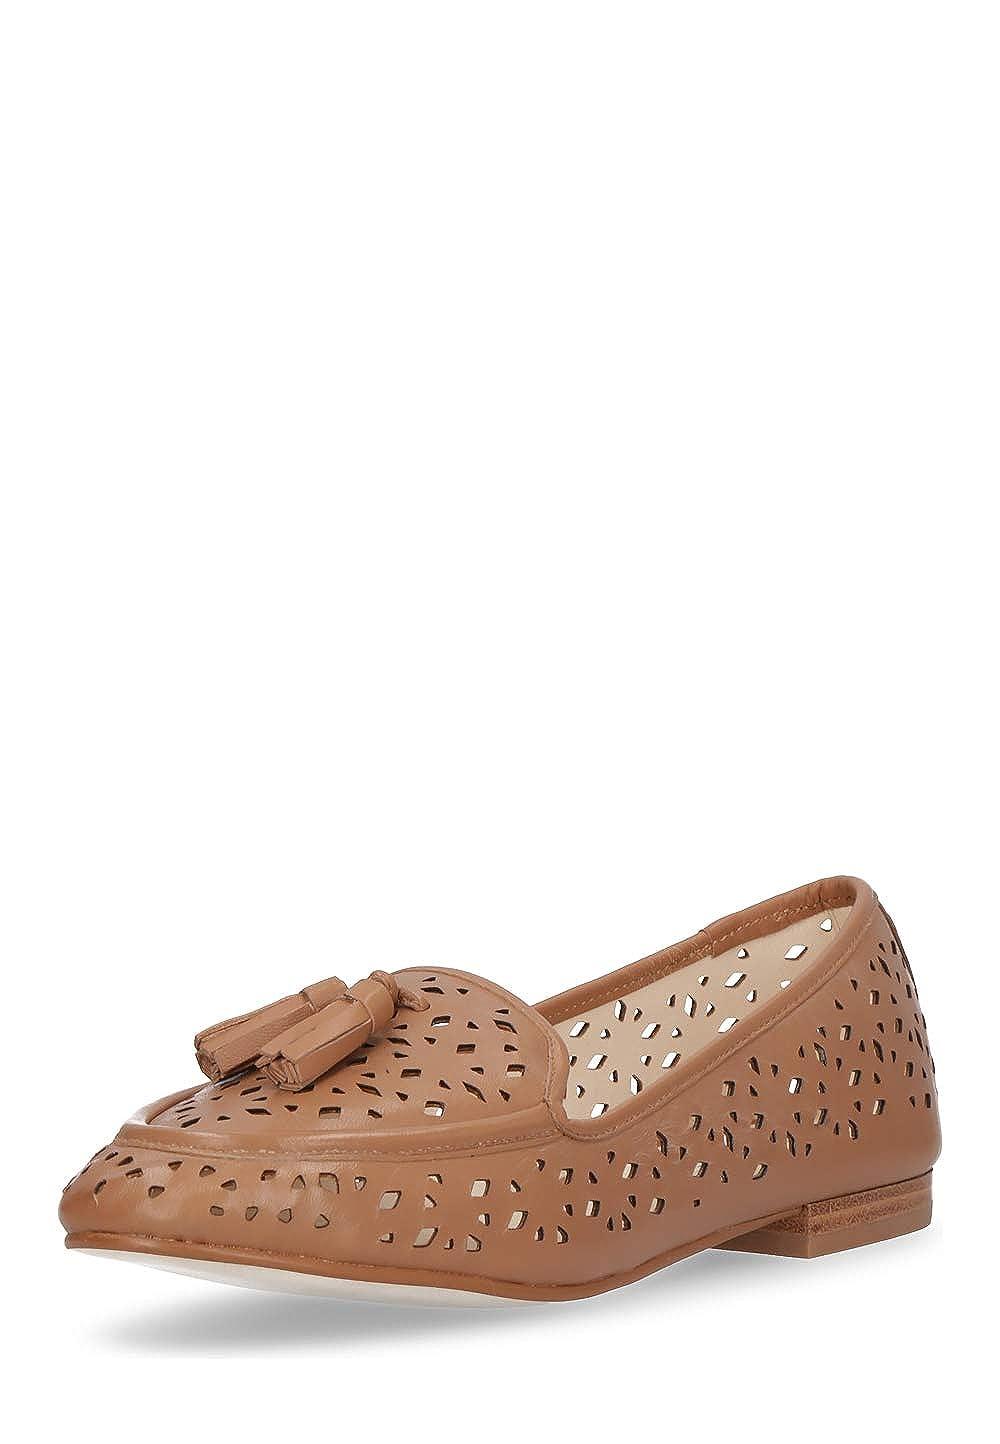 Buffalo London Damen Schuhe schuhe  | Verkauf  | Schön geformt  | Toy Story